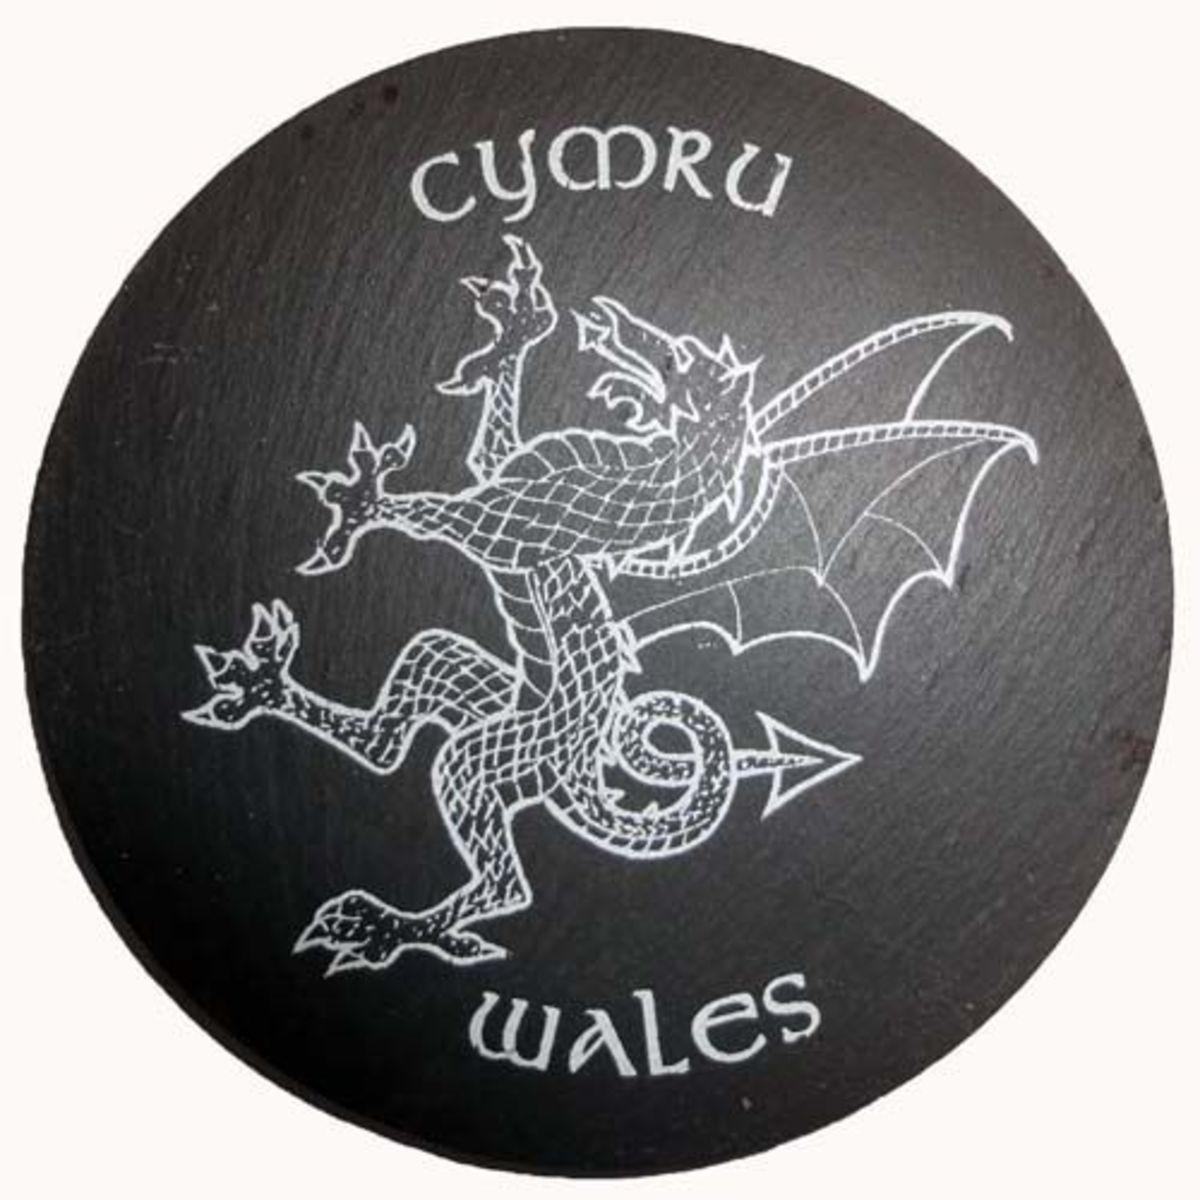 Slate coaster of Cymru Wales